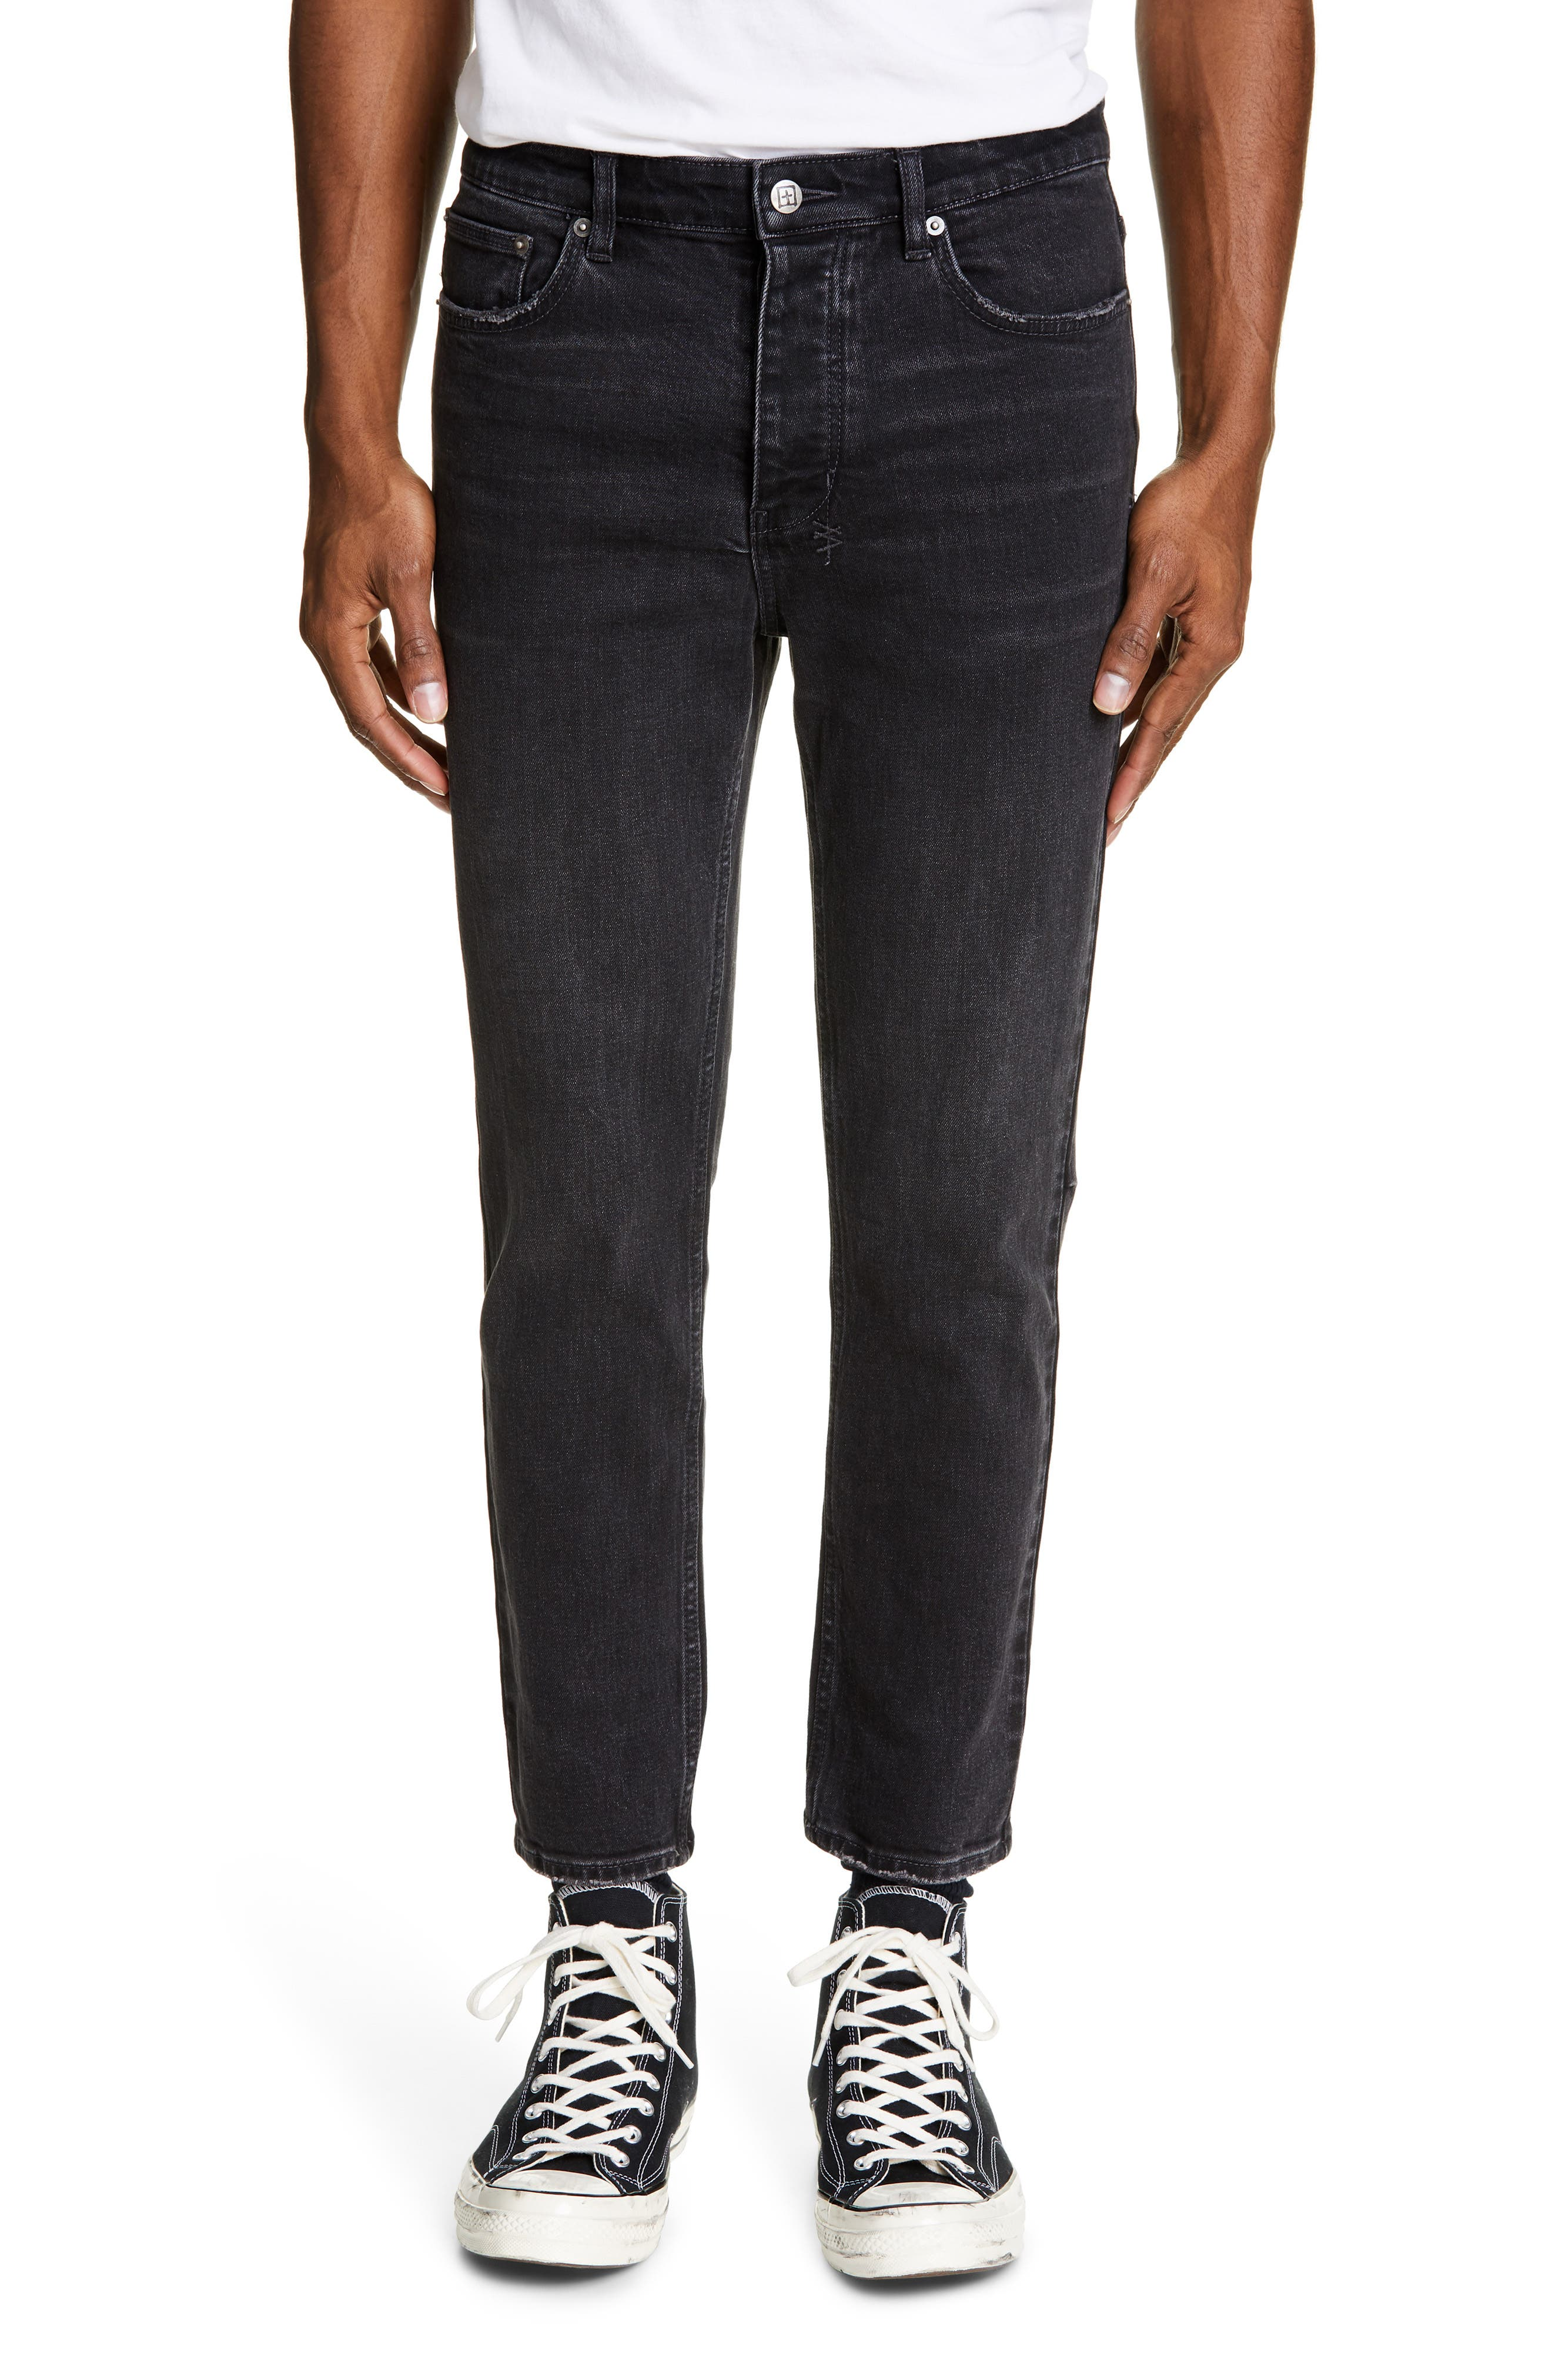 KSUBI Chitch Hard Rock Skinny Fit Crop Jeans, Main, color, BLACK